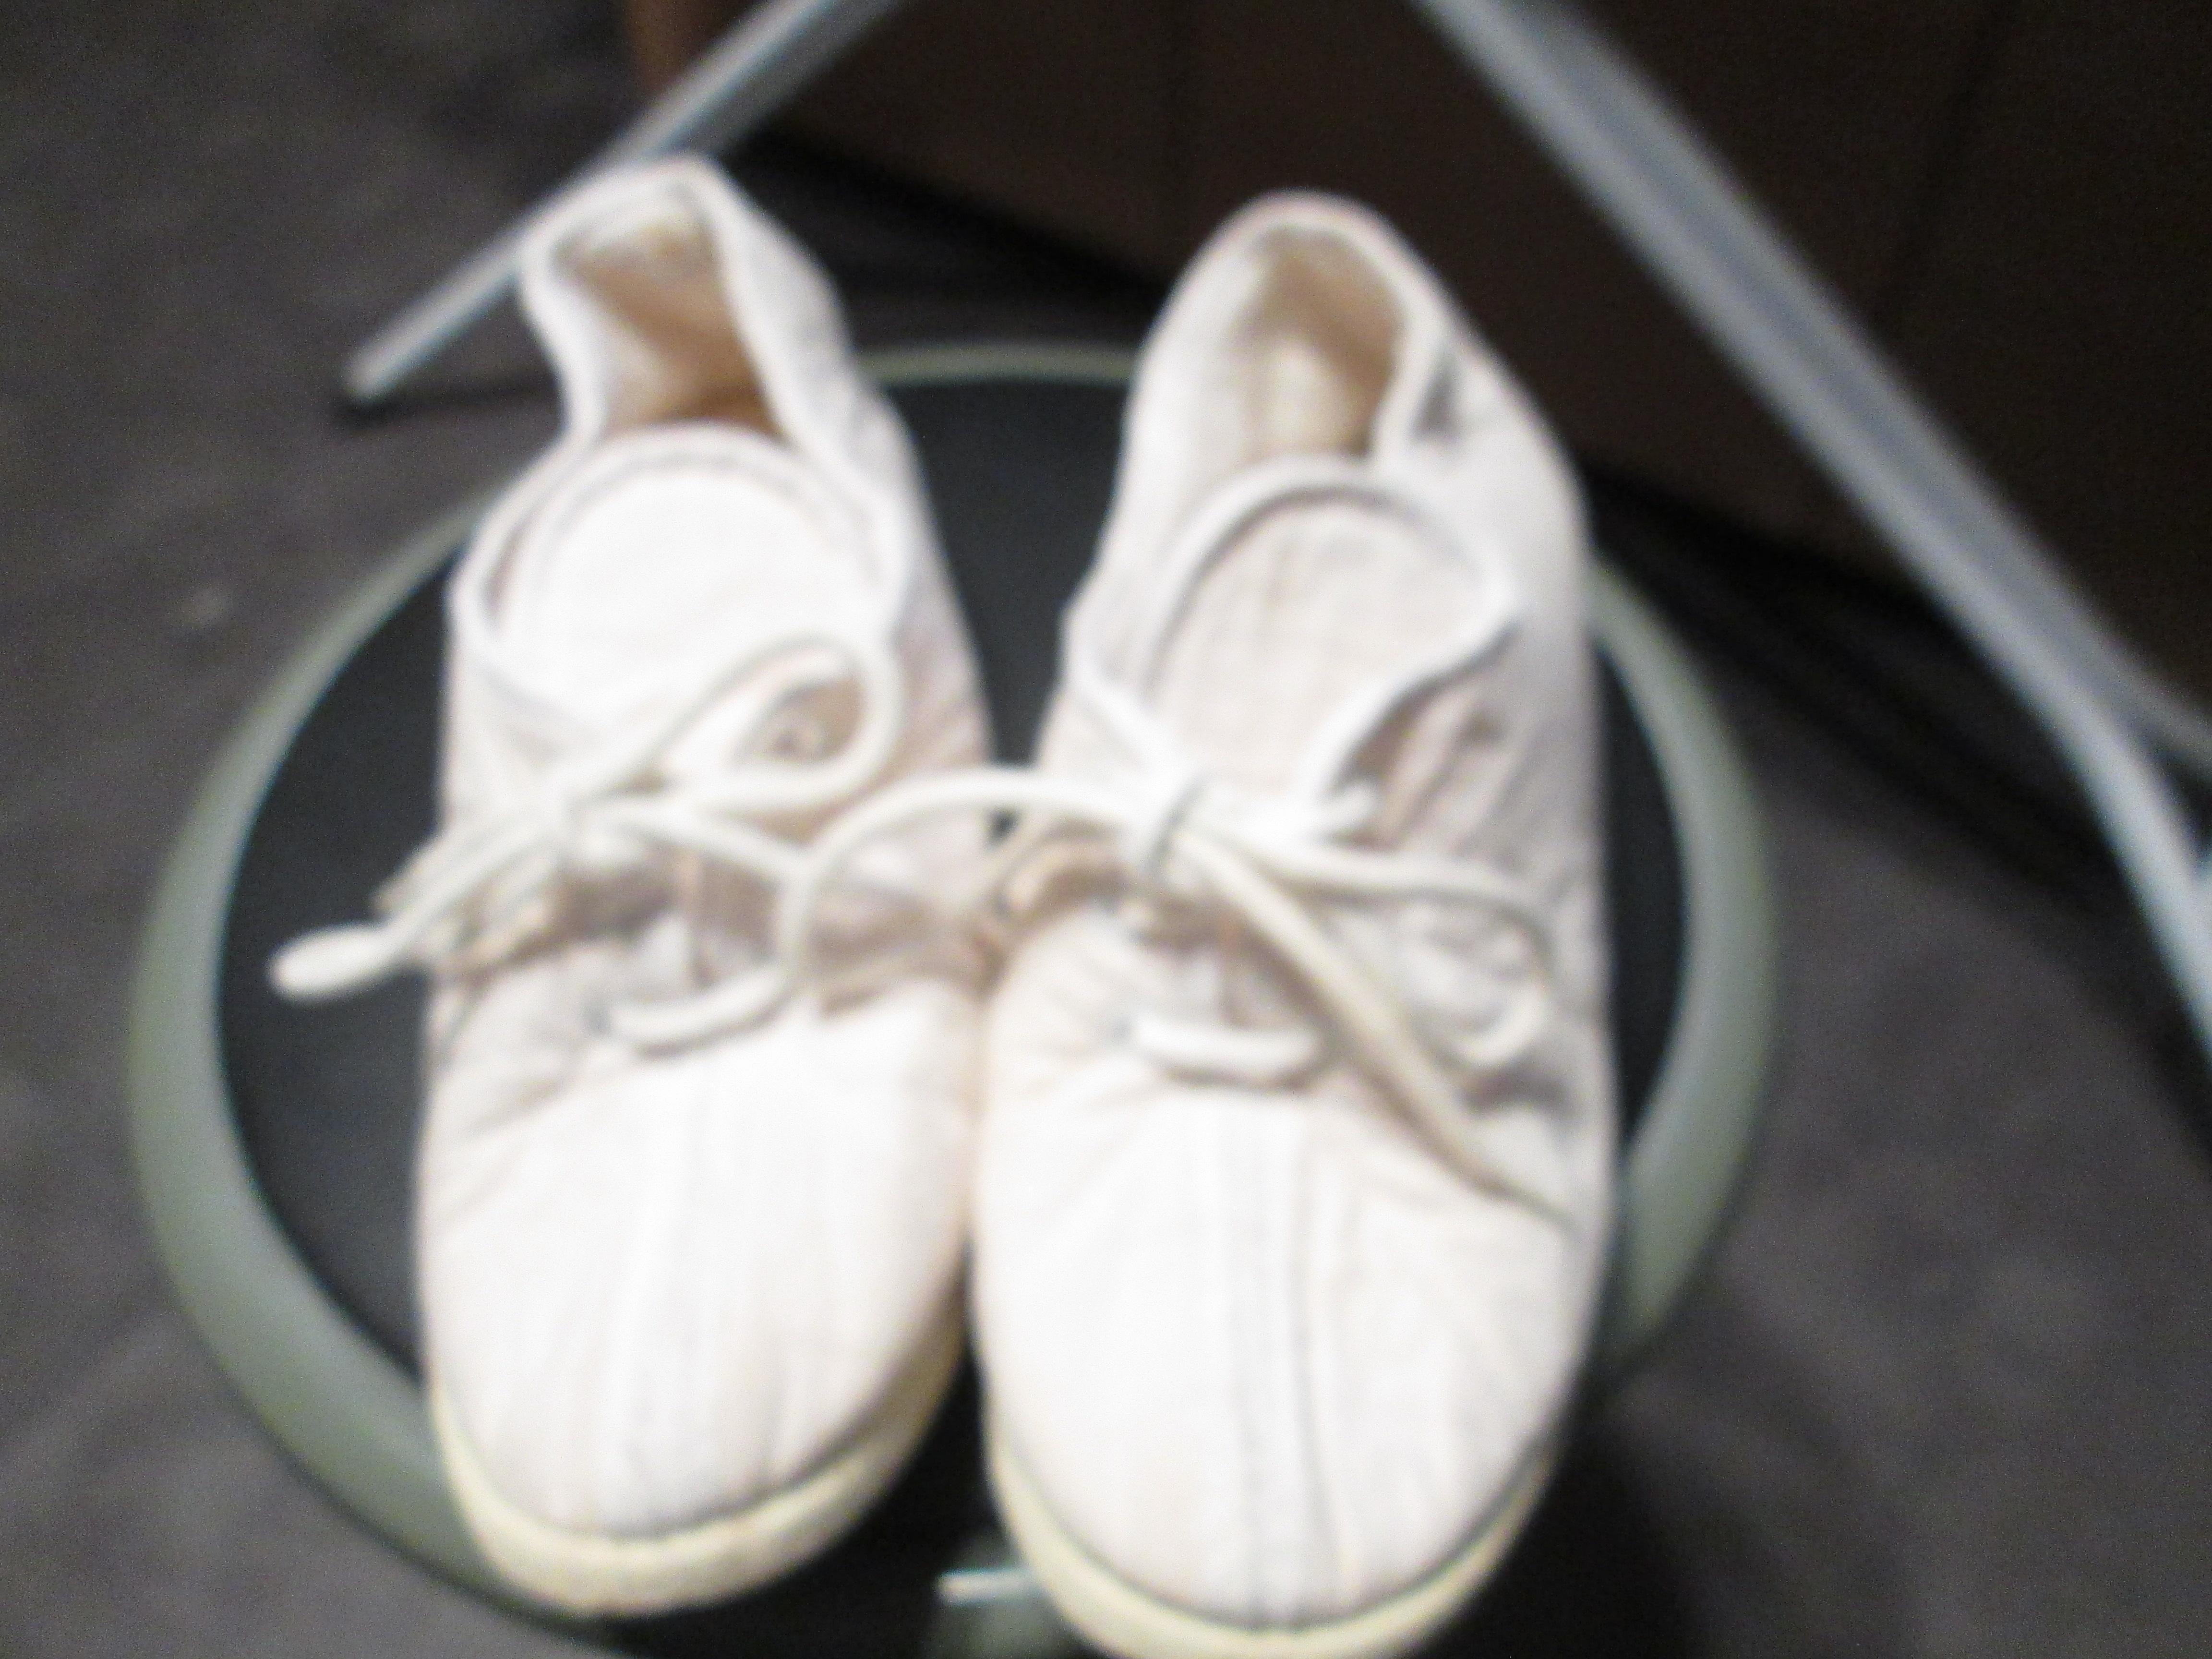 troc de troc chaussurespointure 36  toile pour faire de la marche 5 noisettes image 0